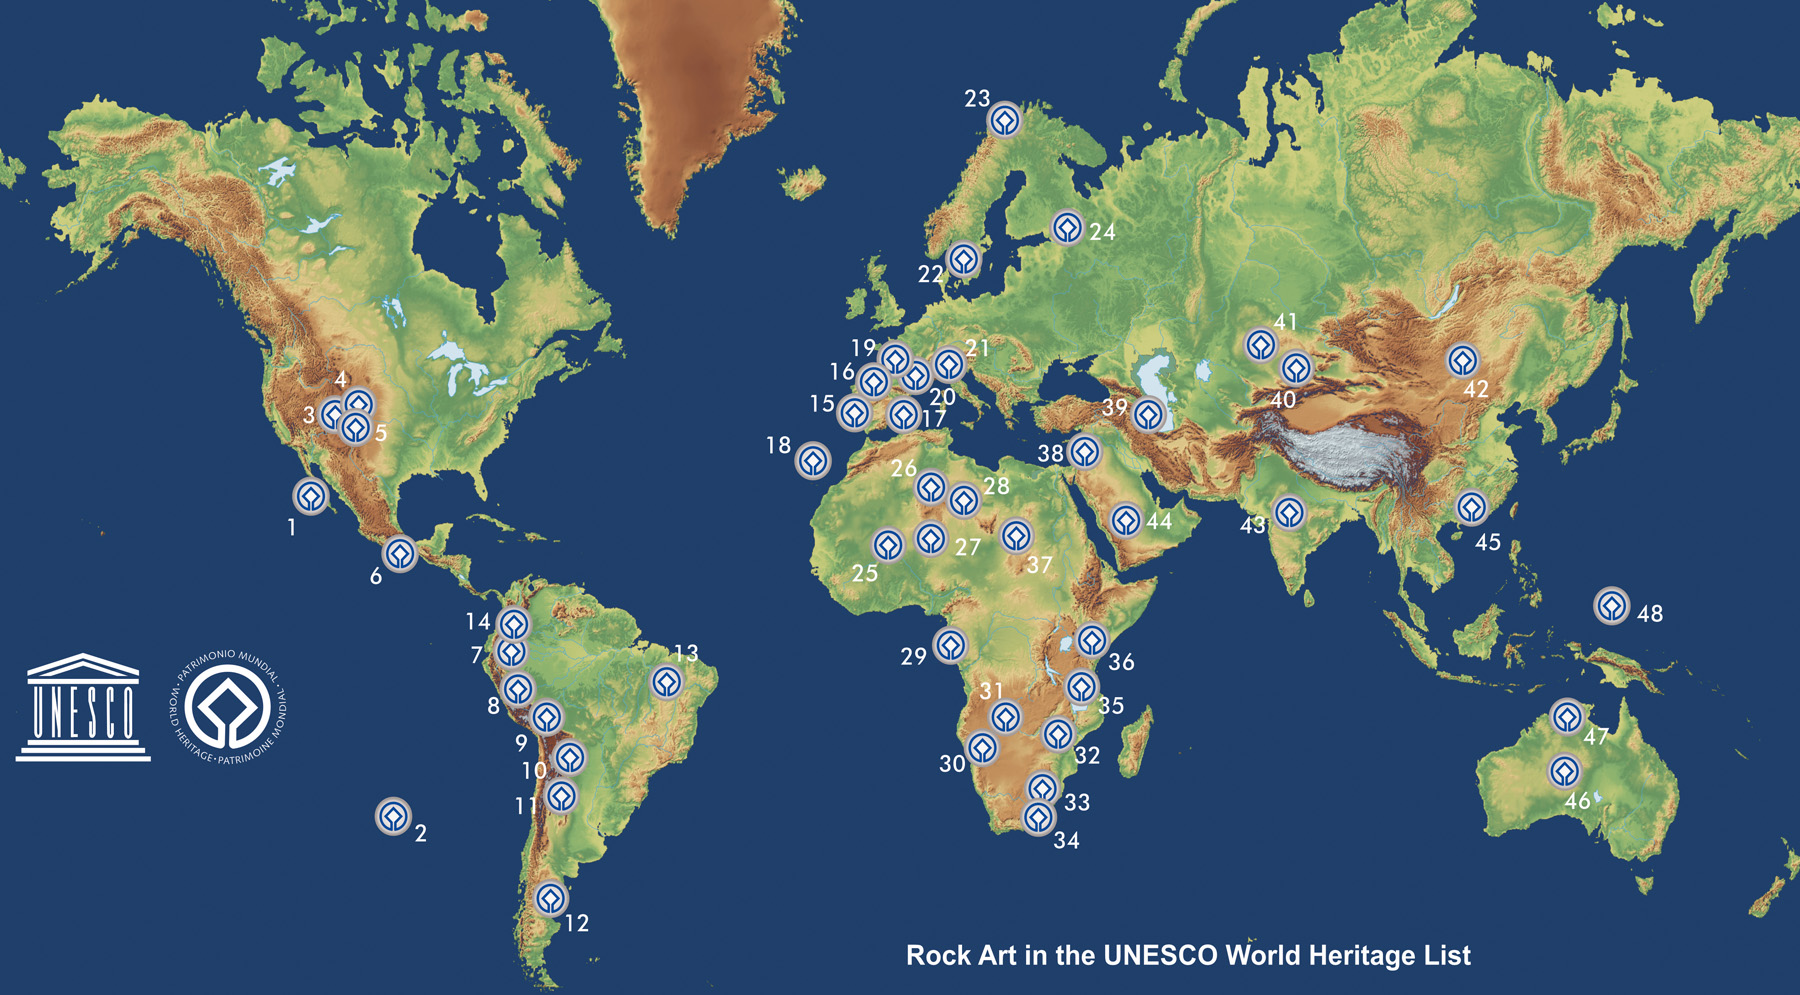 UNESCO WORLD